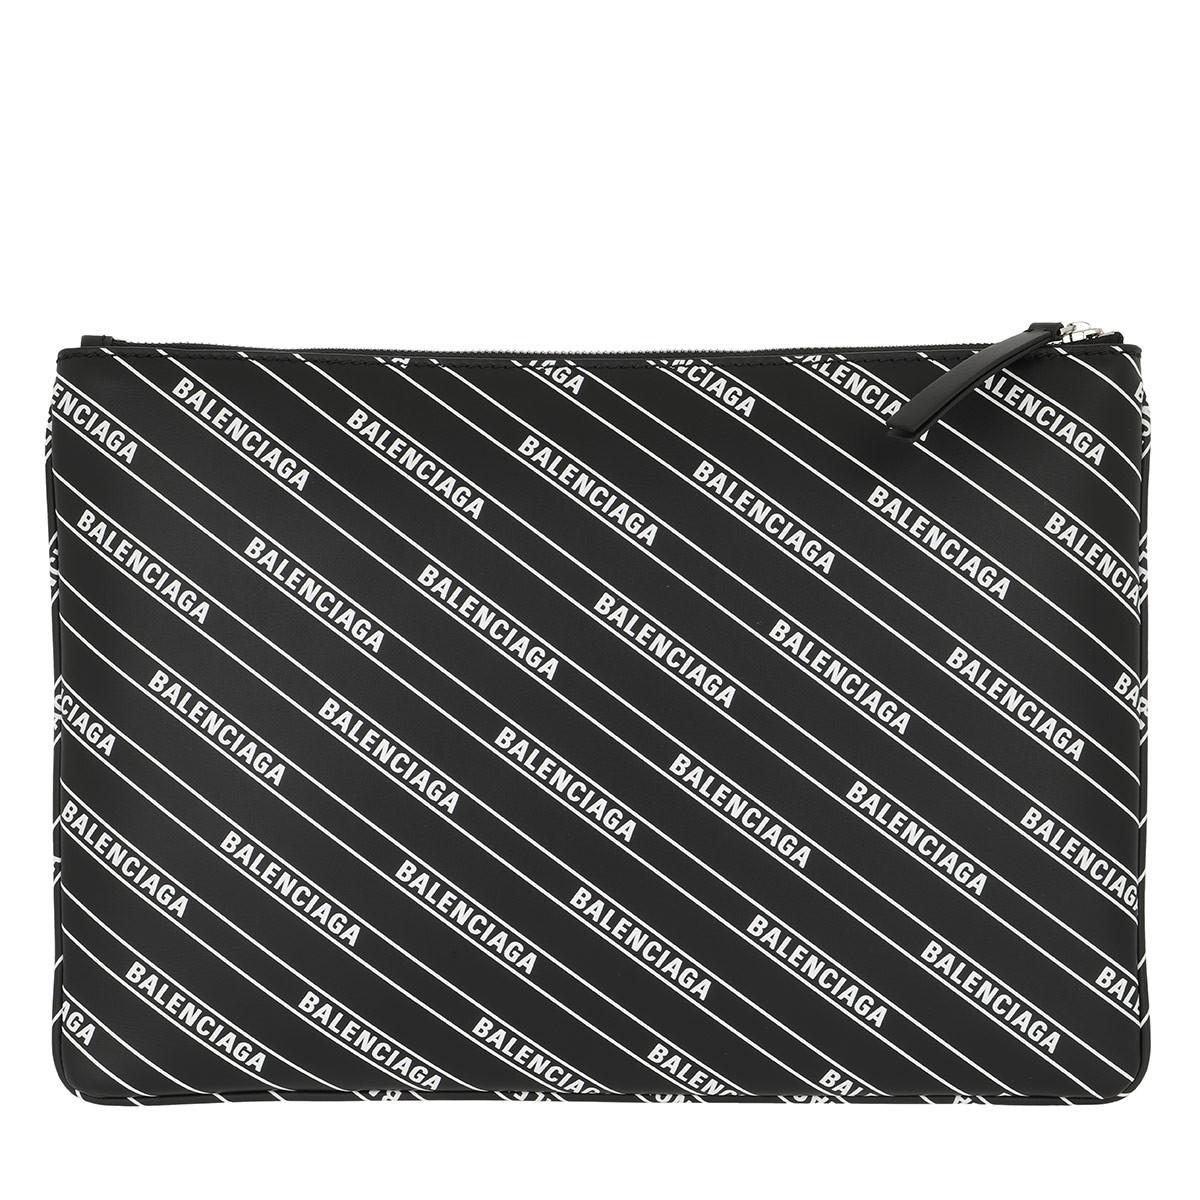 Balenciaga Clutch - Logo Clutch Leather Black/White - in schwarz - für Damen